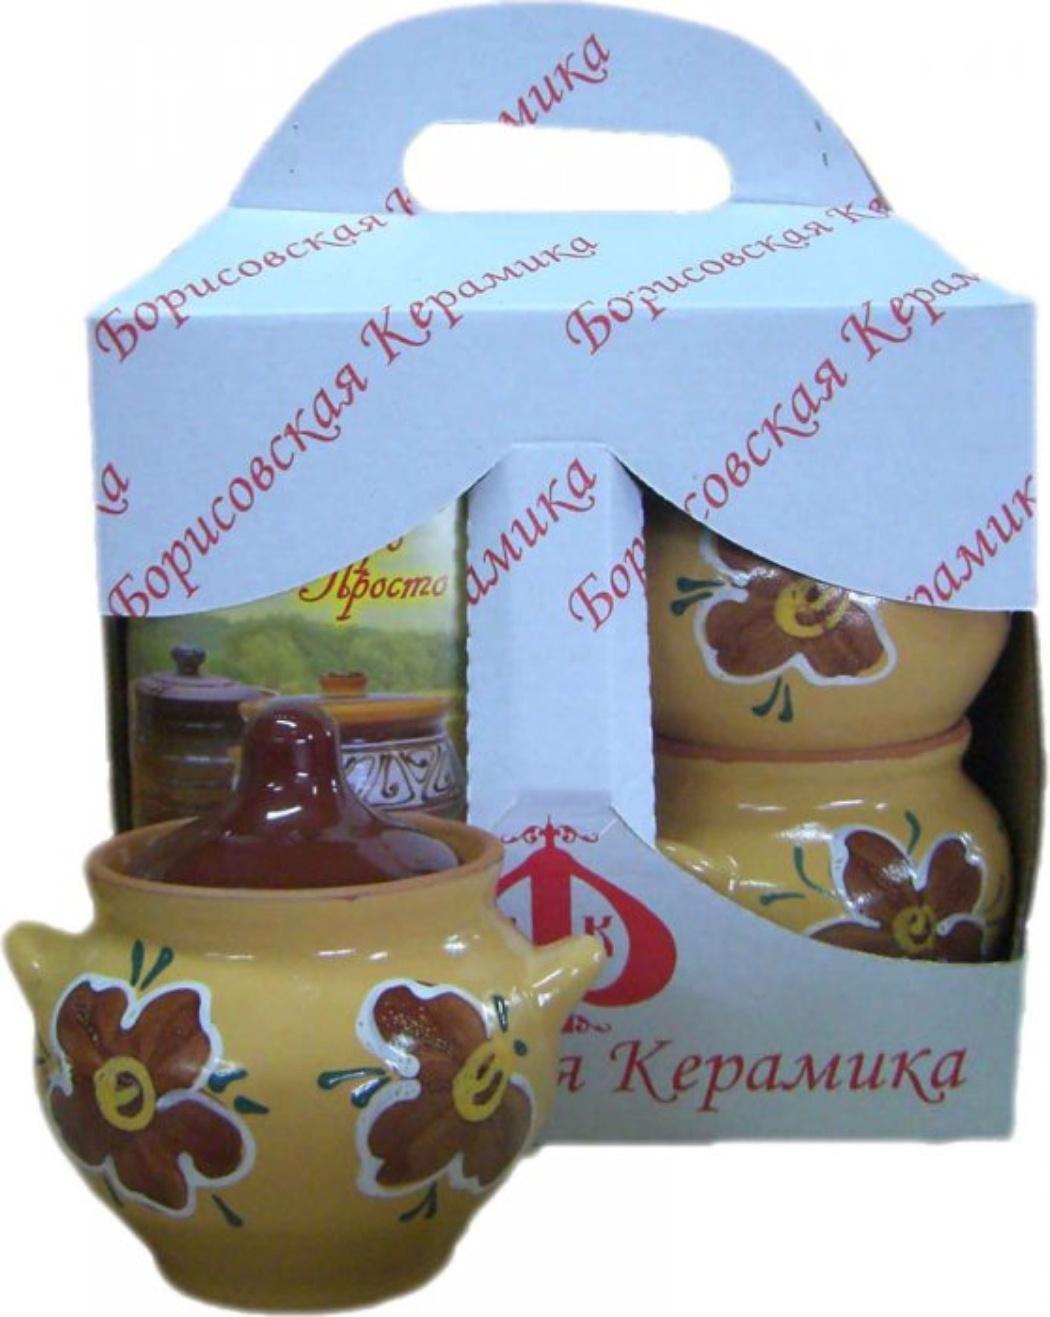 Набор посуды Борисовская керамика Подарочный, 4 предмета. ОБЧ00000492ОБЧ000004924 горшка для жаркого №1 (0,55 л) + книжка с рецептами в коробке